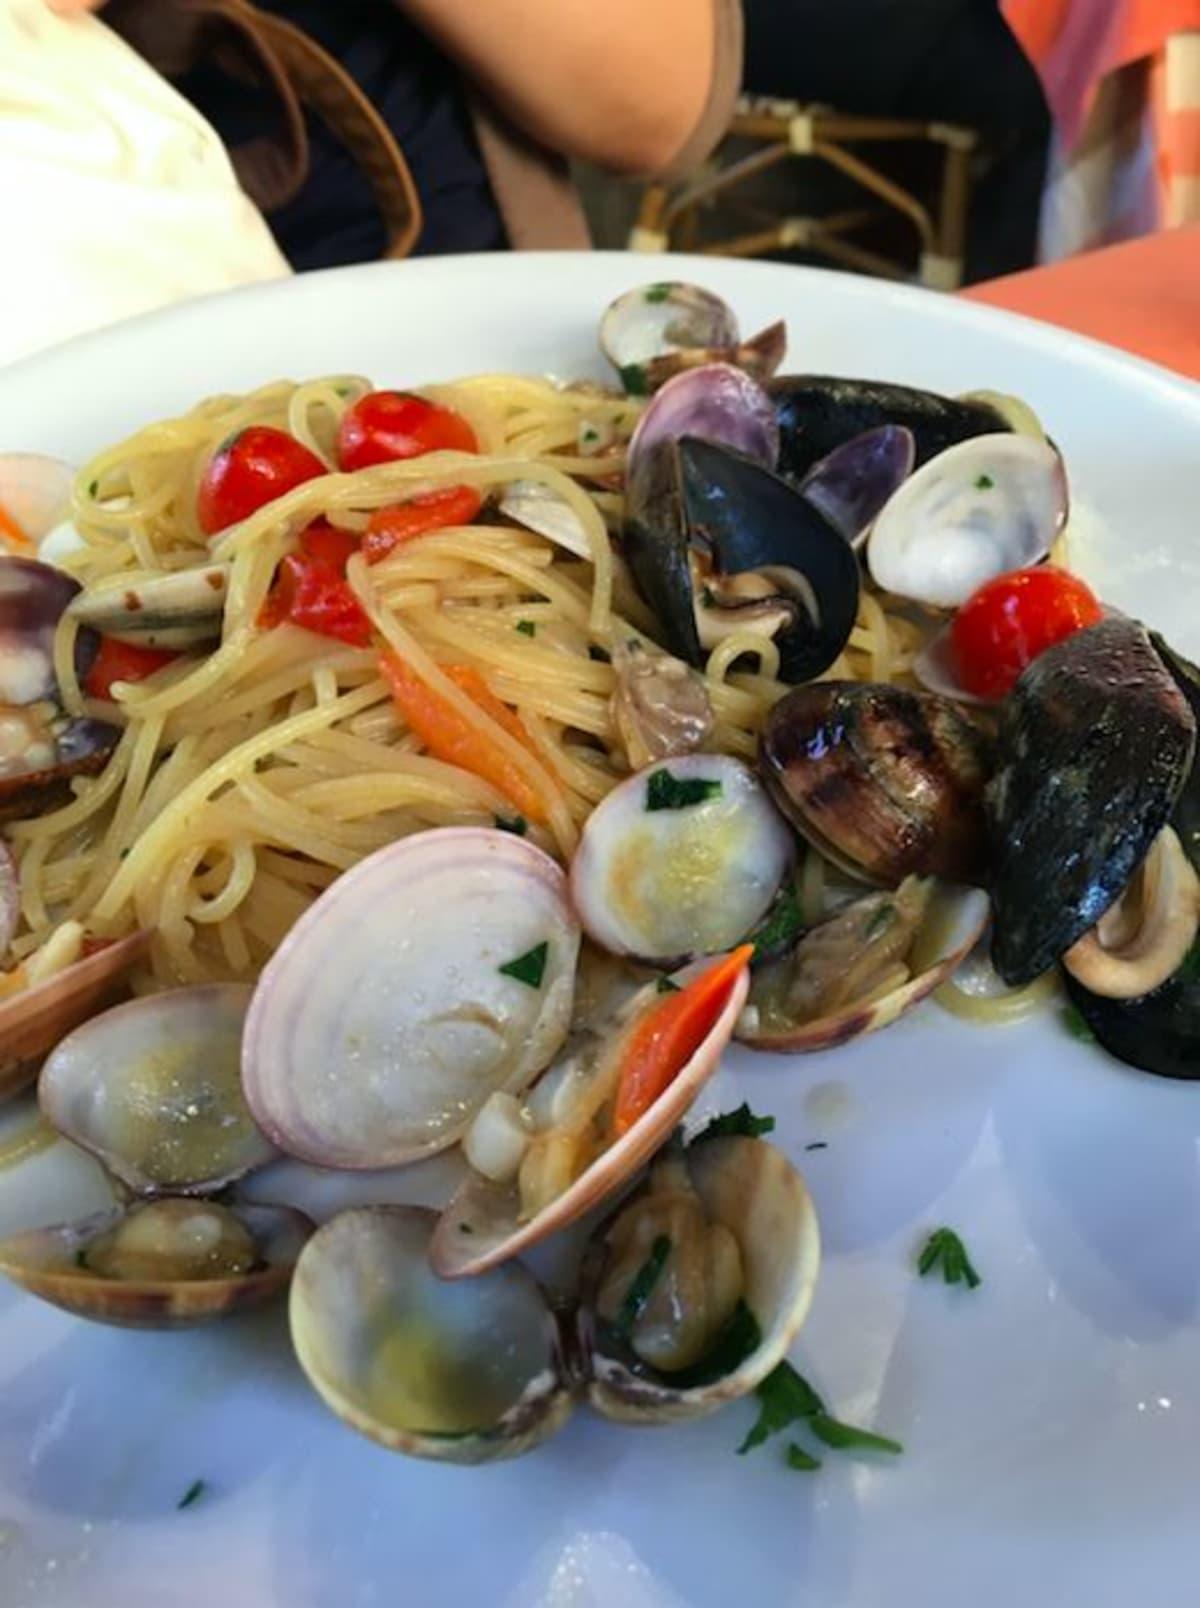 パスタは海の幸が濃厚で、美味しく、こちらも残さず平らげました。 | ナポリ